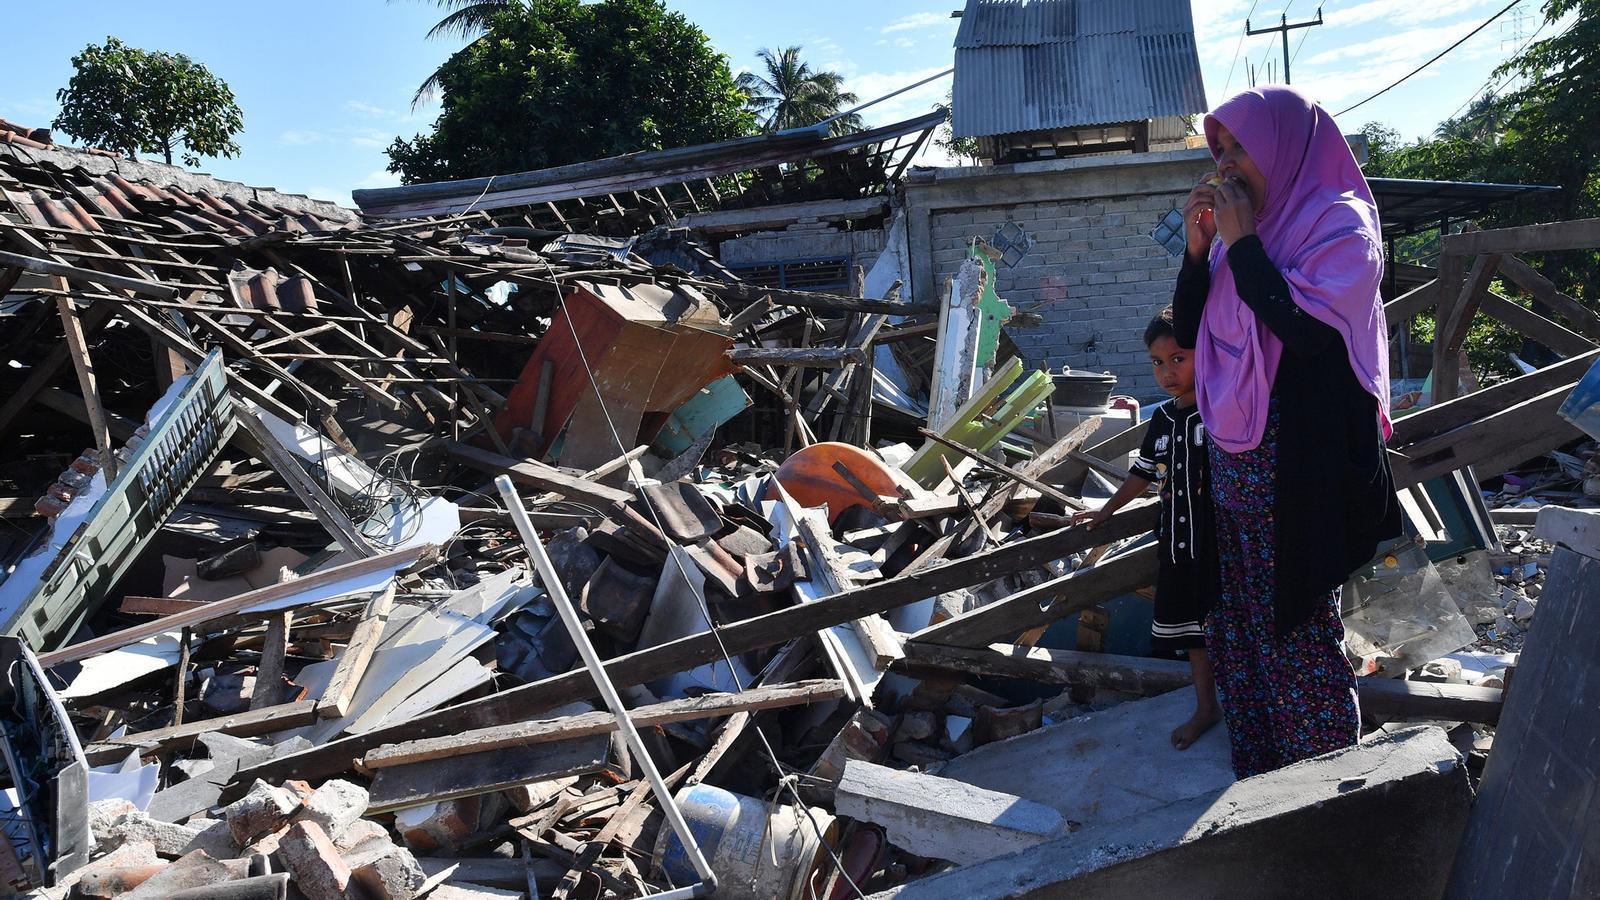 S'eleven a 131 els morts pel terratrèmol a l'illa indonèsia de Lombok